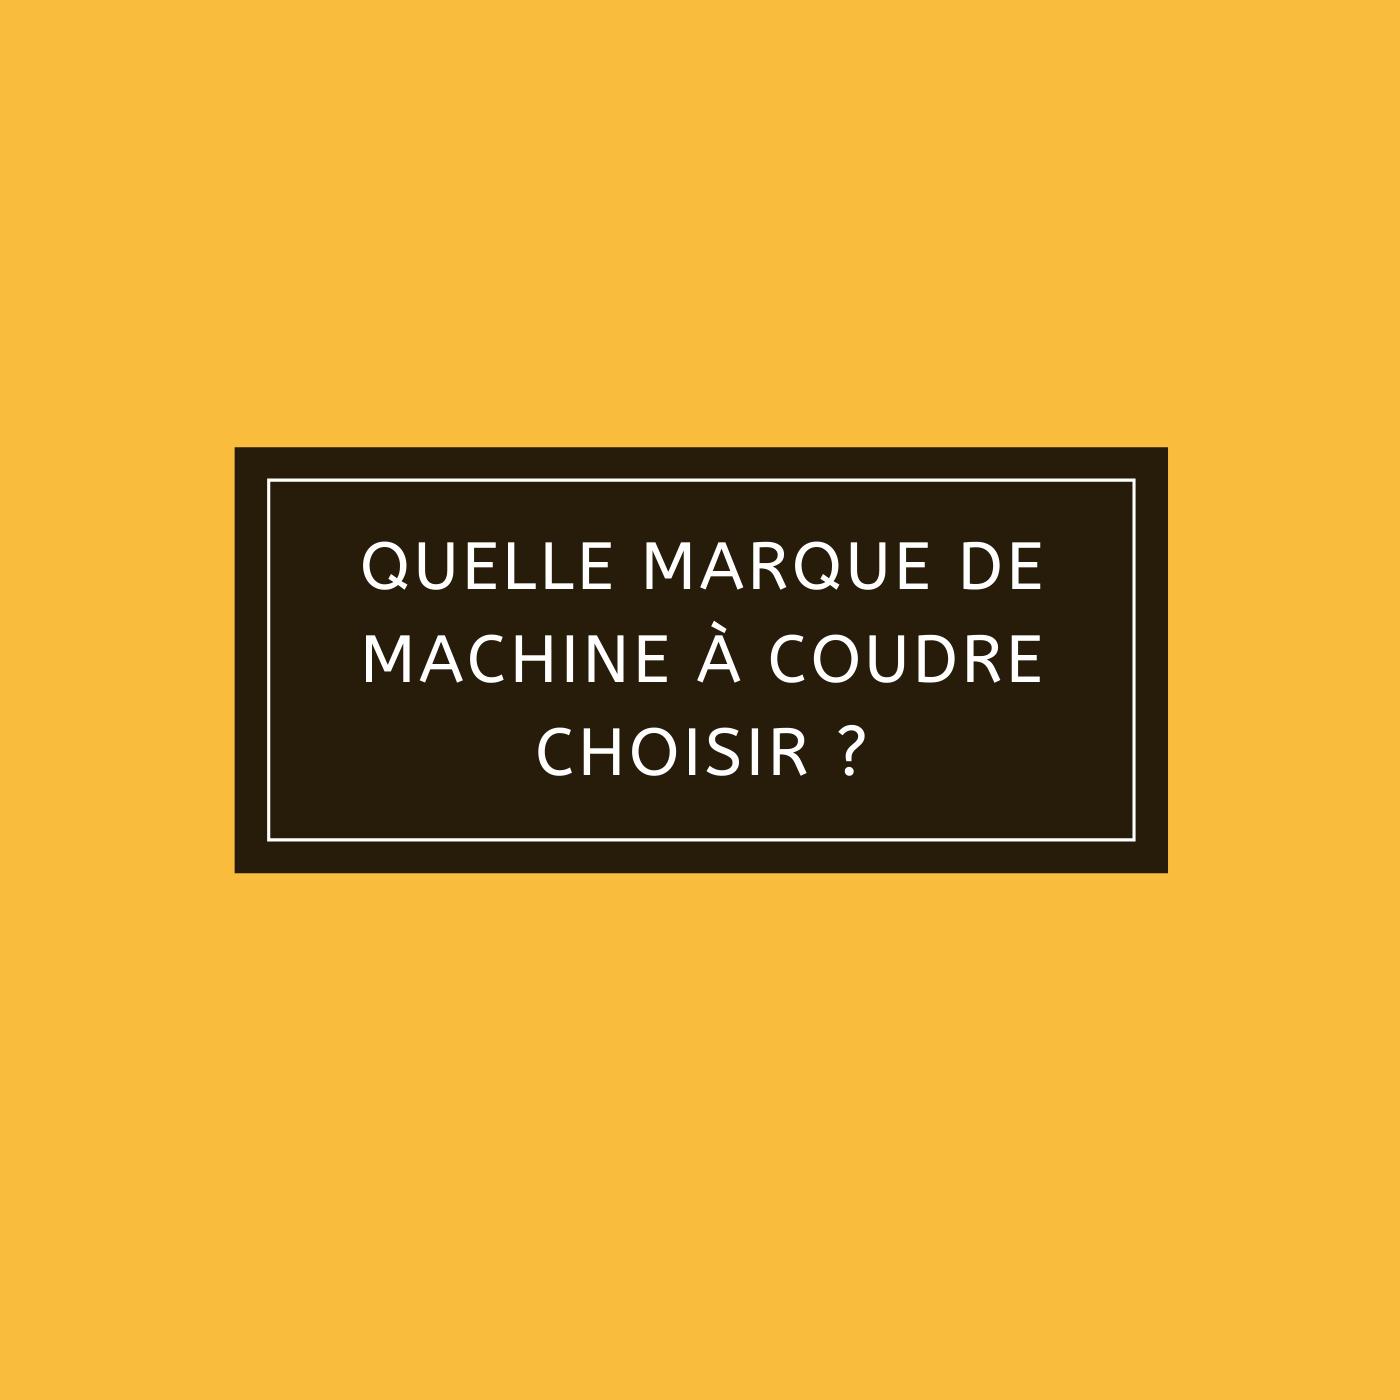 Quelle marque de machine à coudre choisir ?